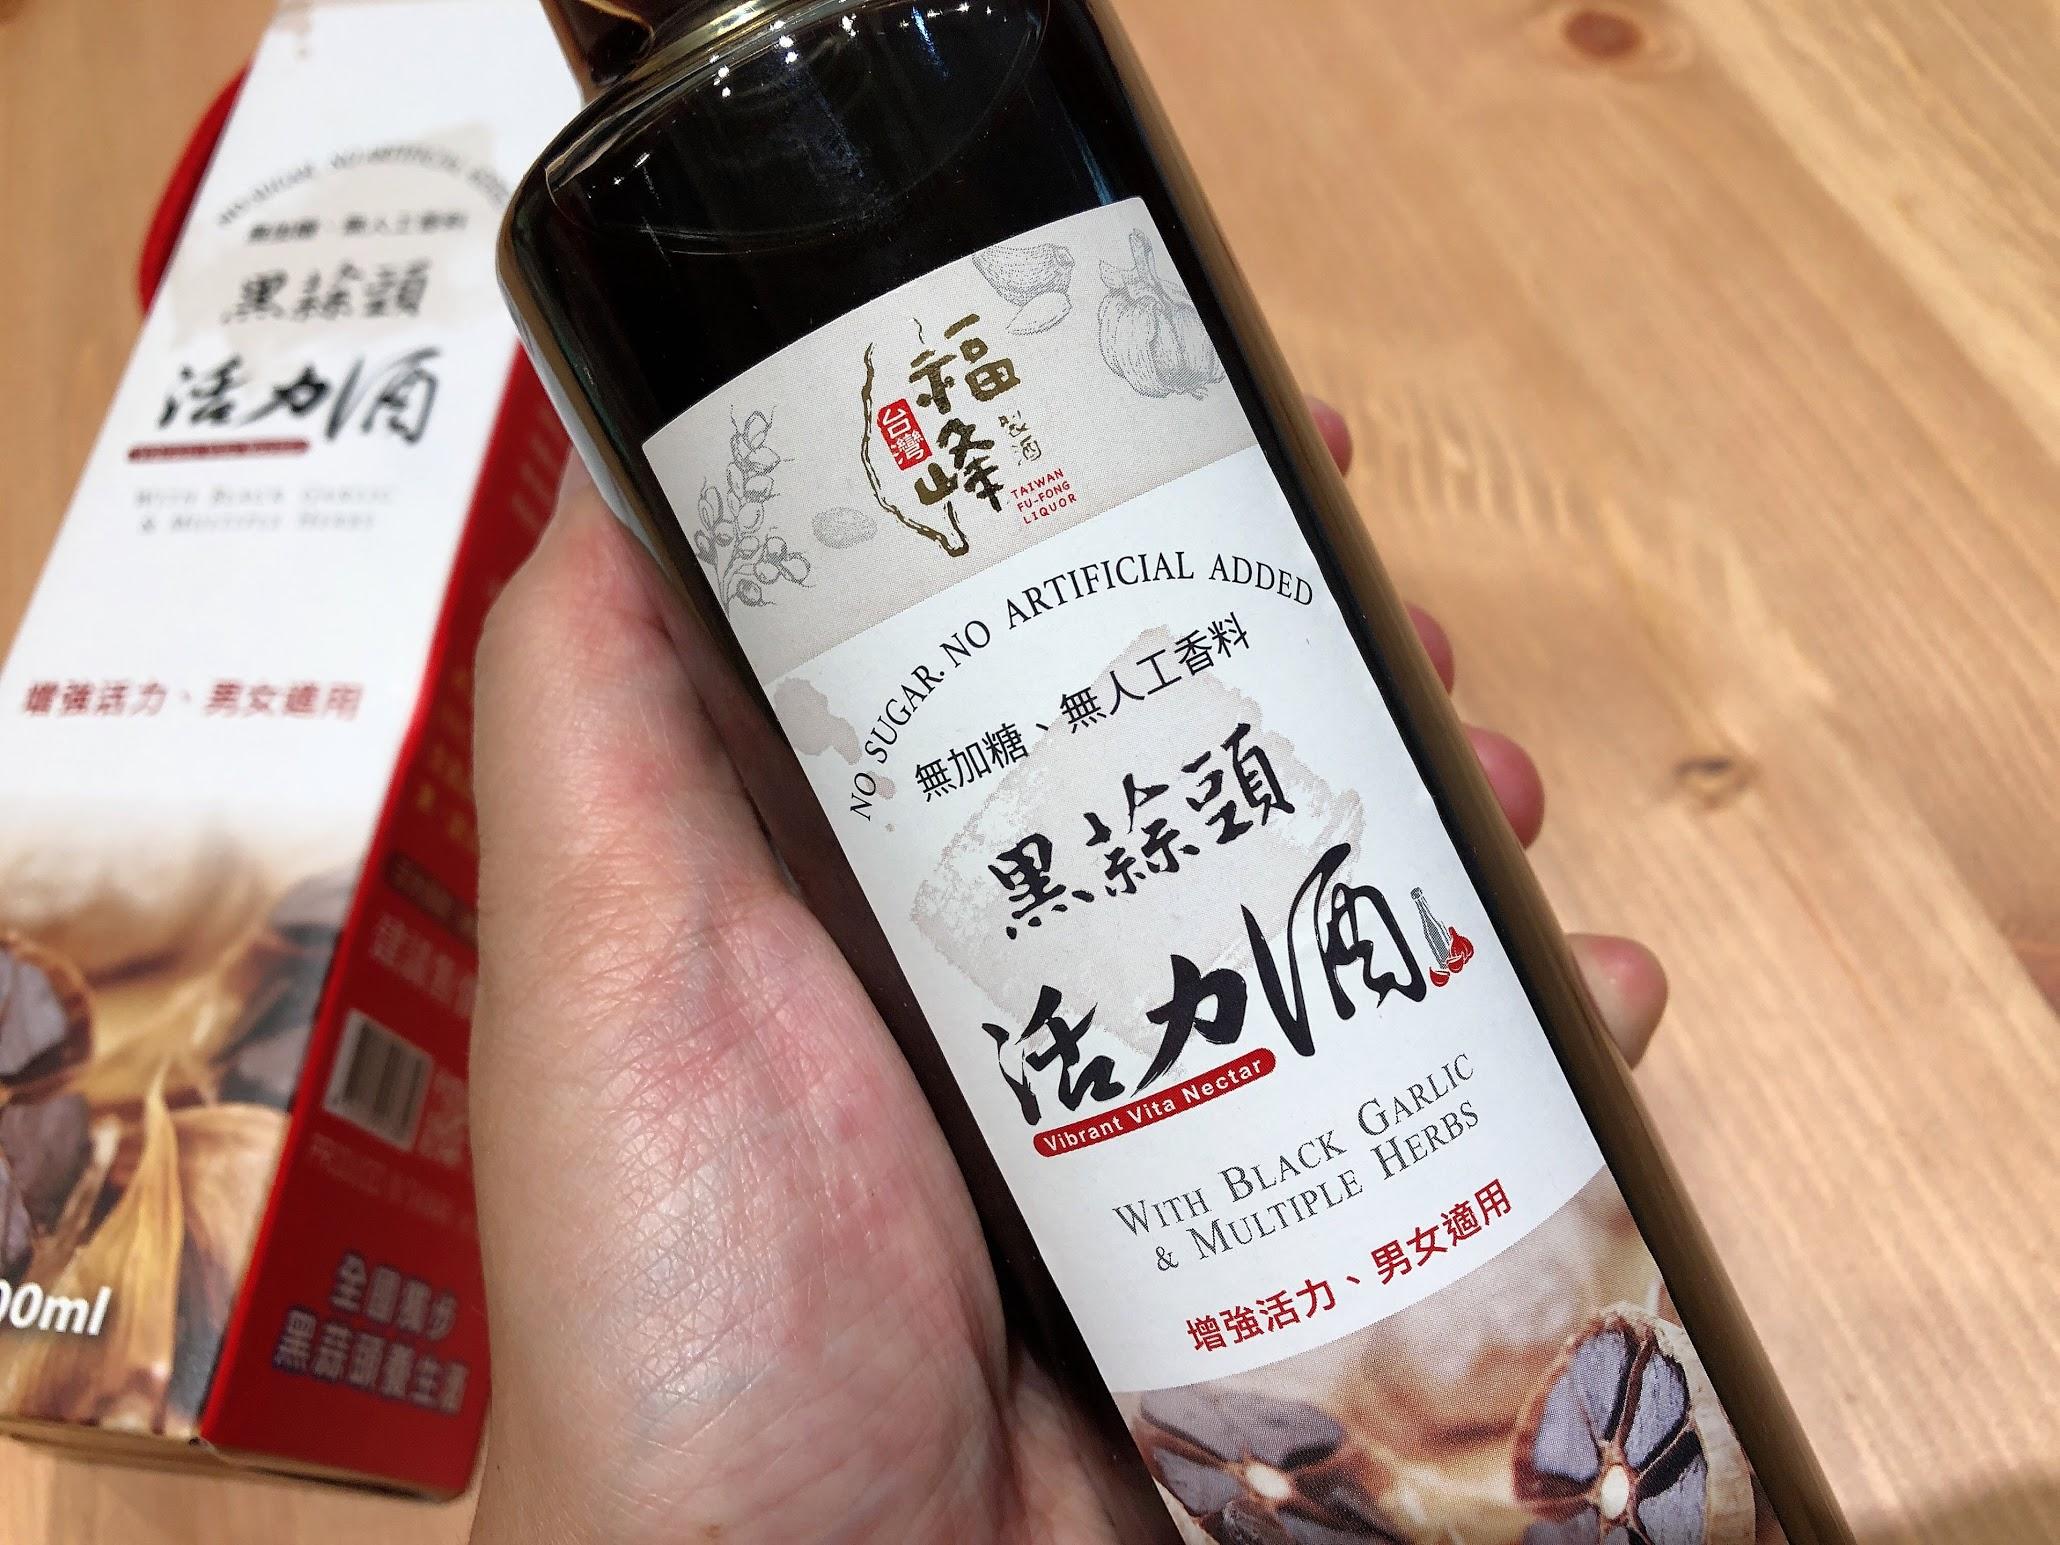 台灣難得的好味道!福峰國際酒業~黑蒜頭活力酒,一步一腳印~用心打造的養身食品 @秤瓶樂遊遊